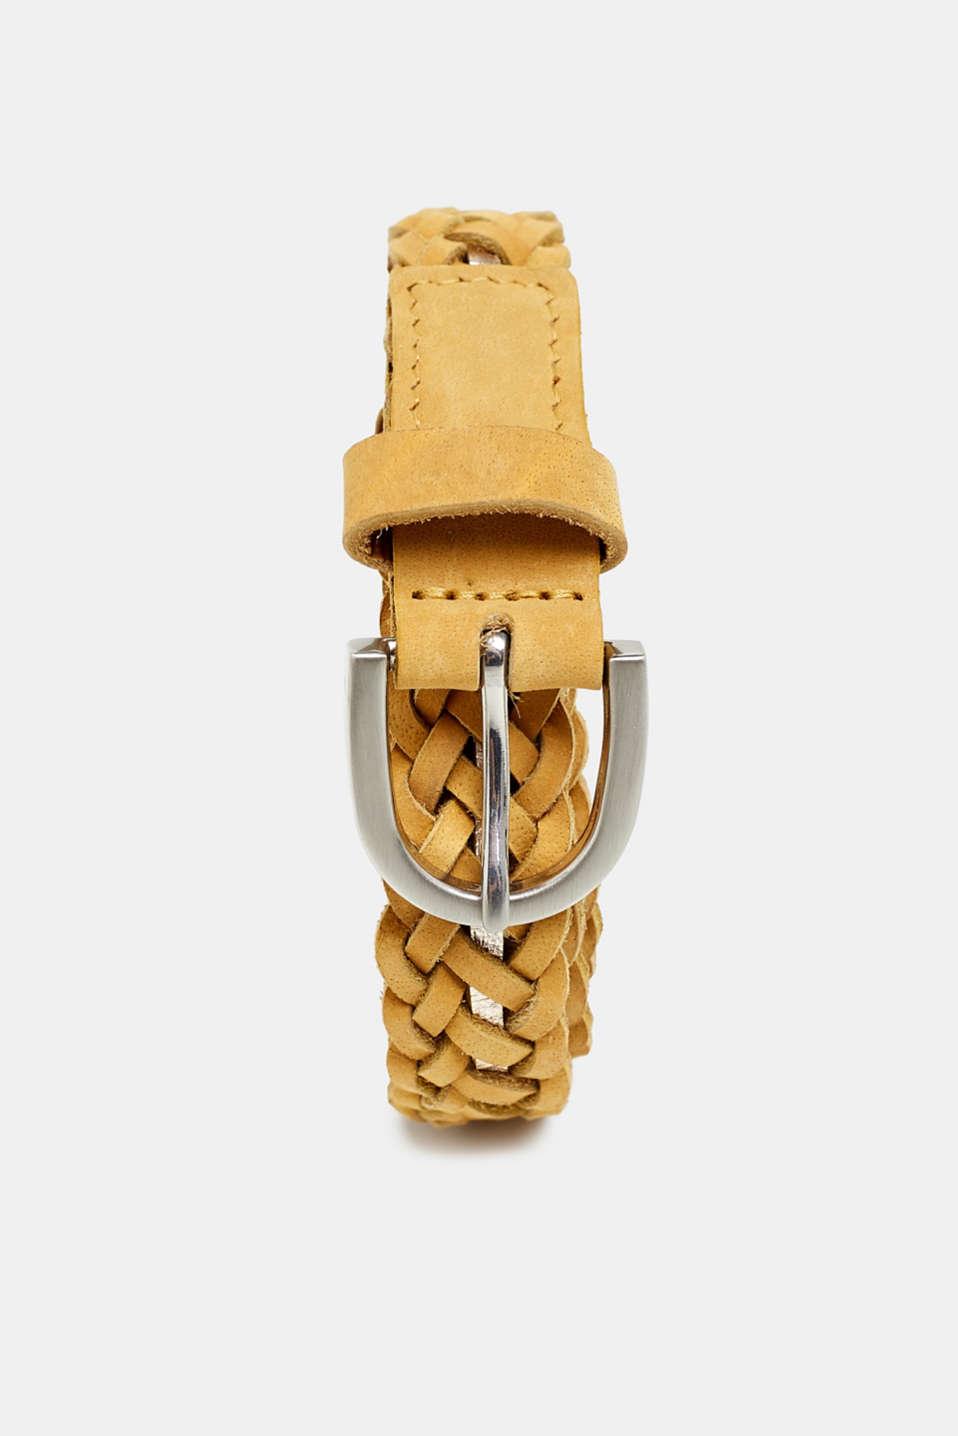 acbe439b8a4307 Esprit - Geflochtener Leder-Gürtel mit Metallic-Akzent im Online ...